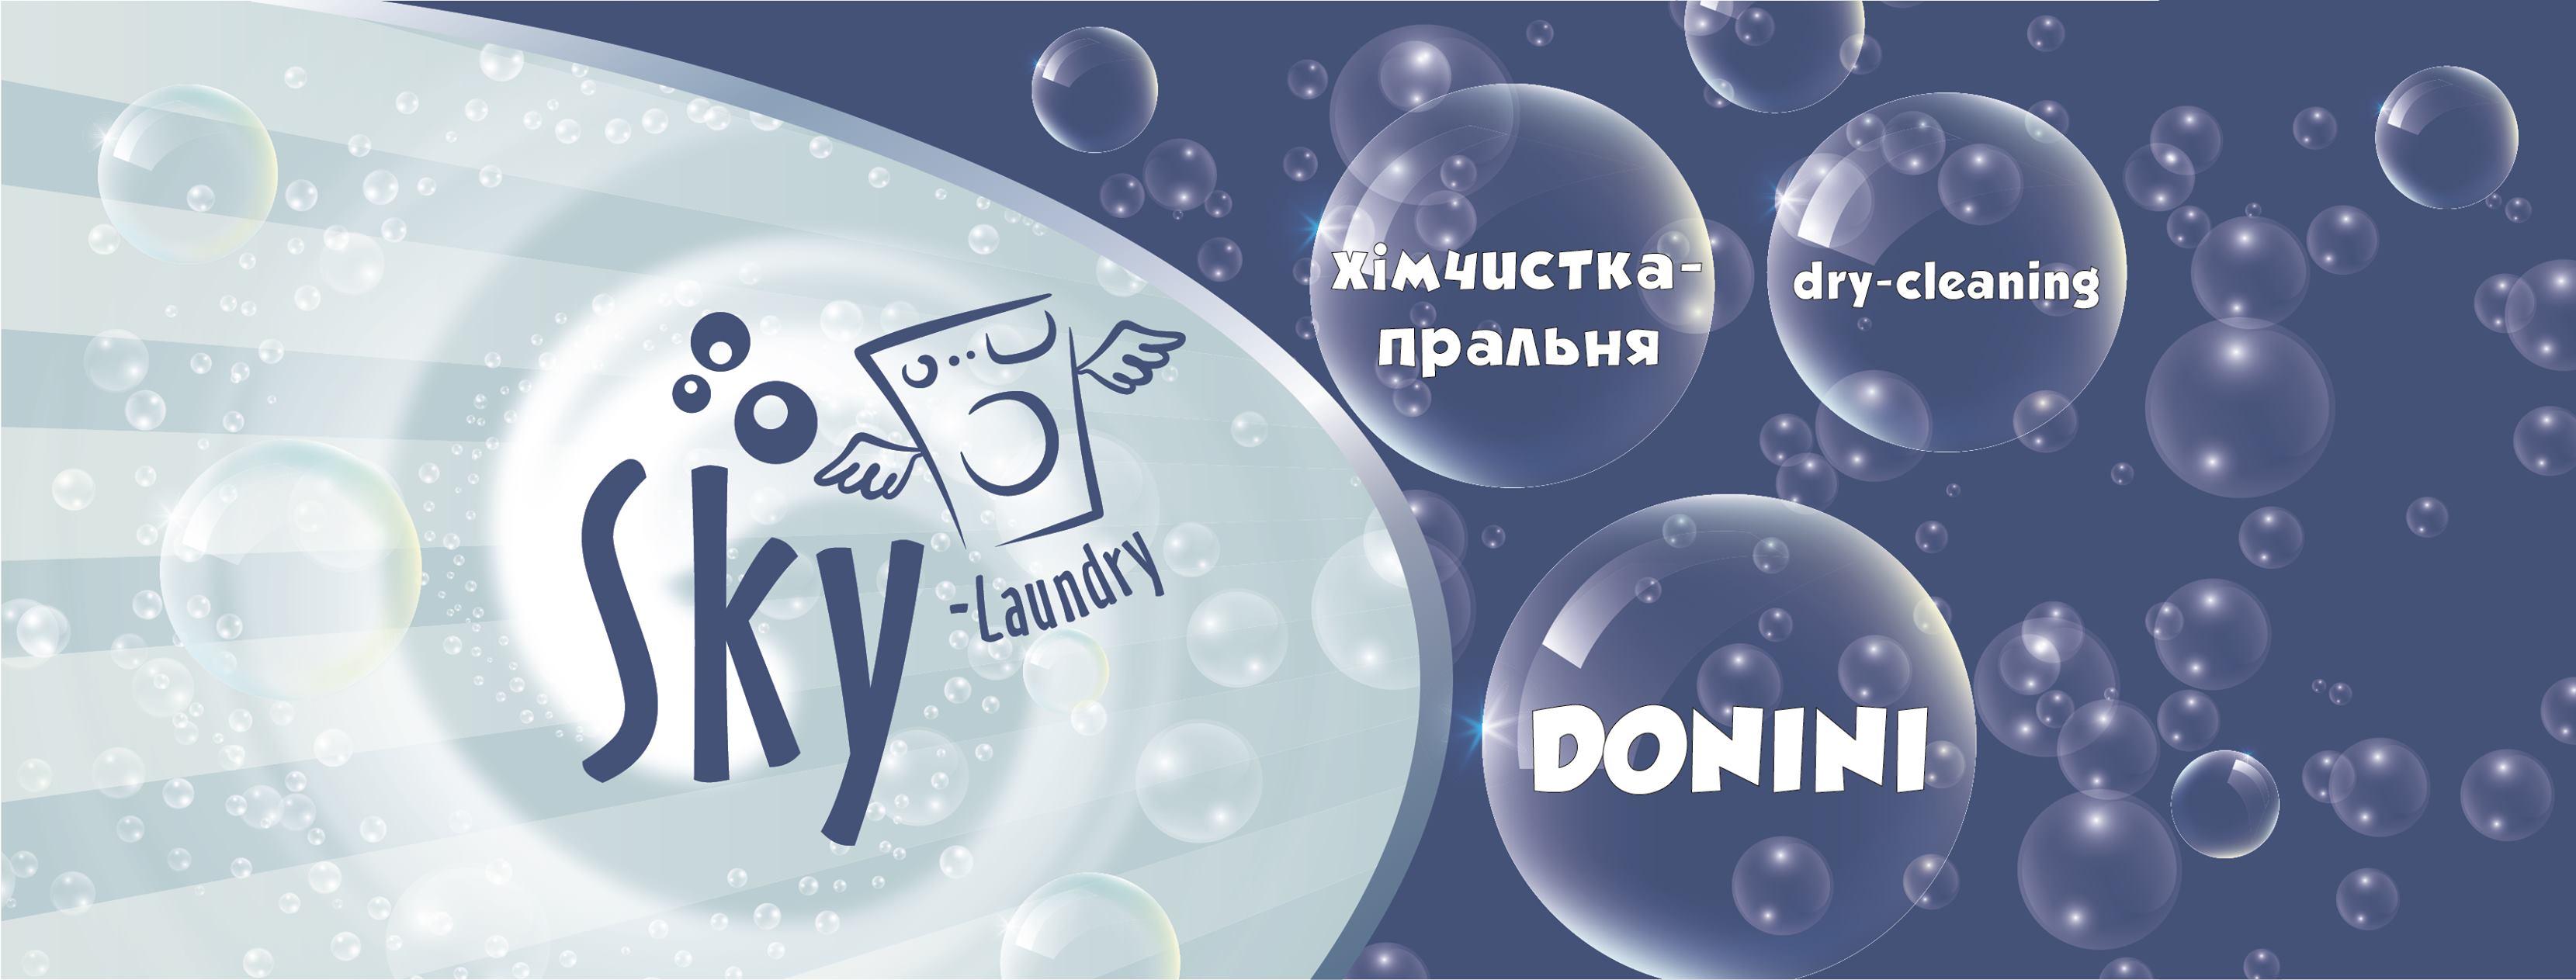 Sky-Laundry - Послуги хімчистки і пральні